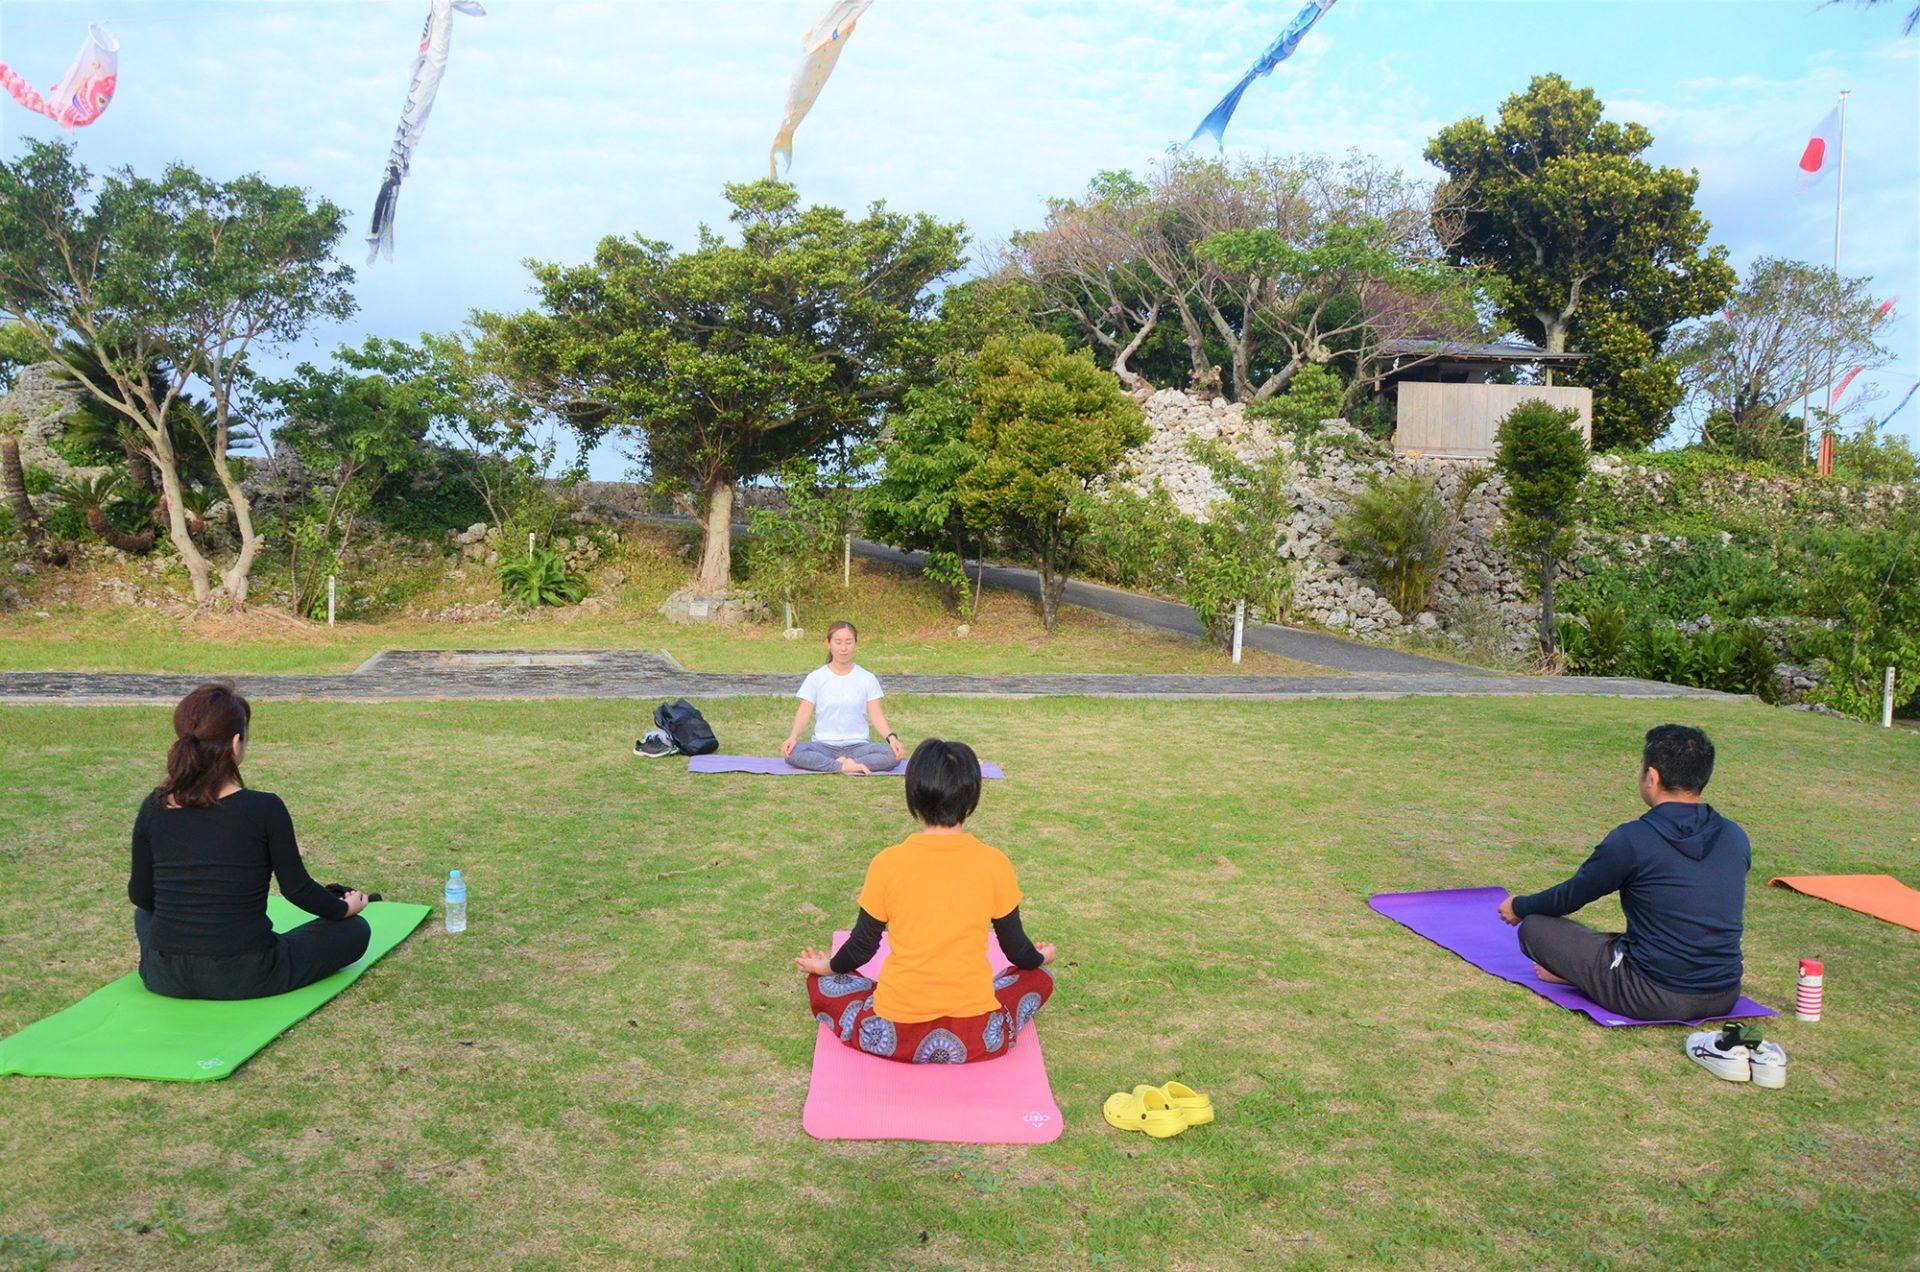 旅先でおすすめの朝活!与論島のパワースポット「地主神社」で行う神社ヨガ